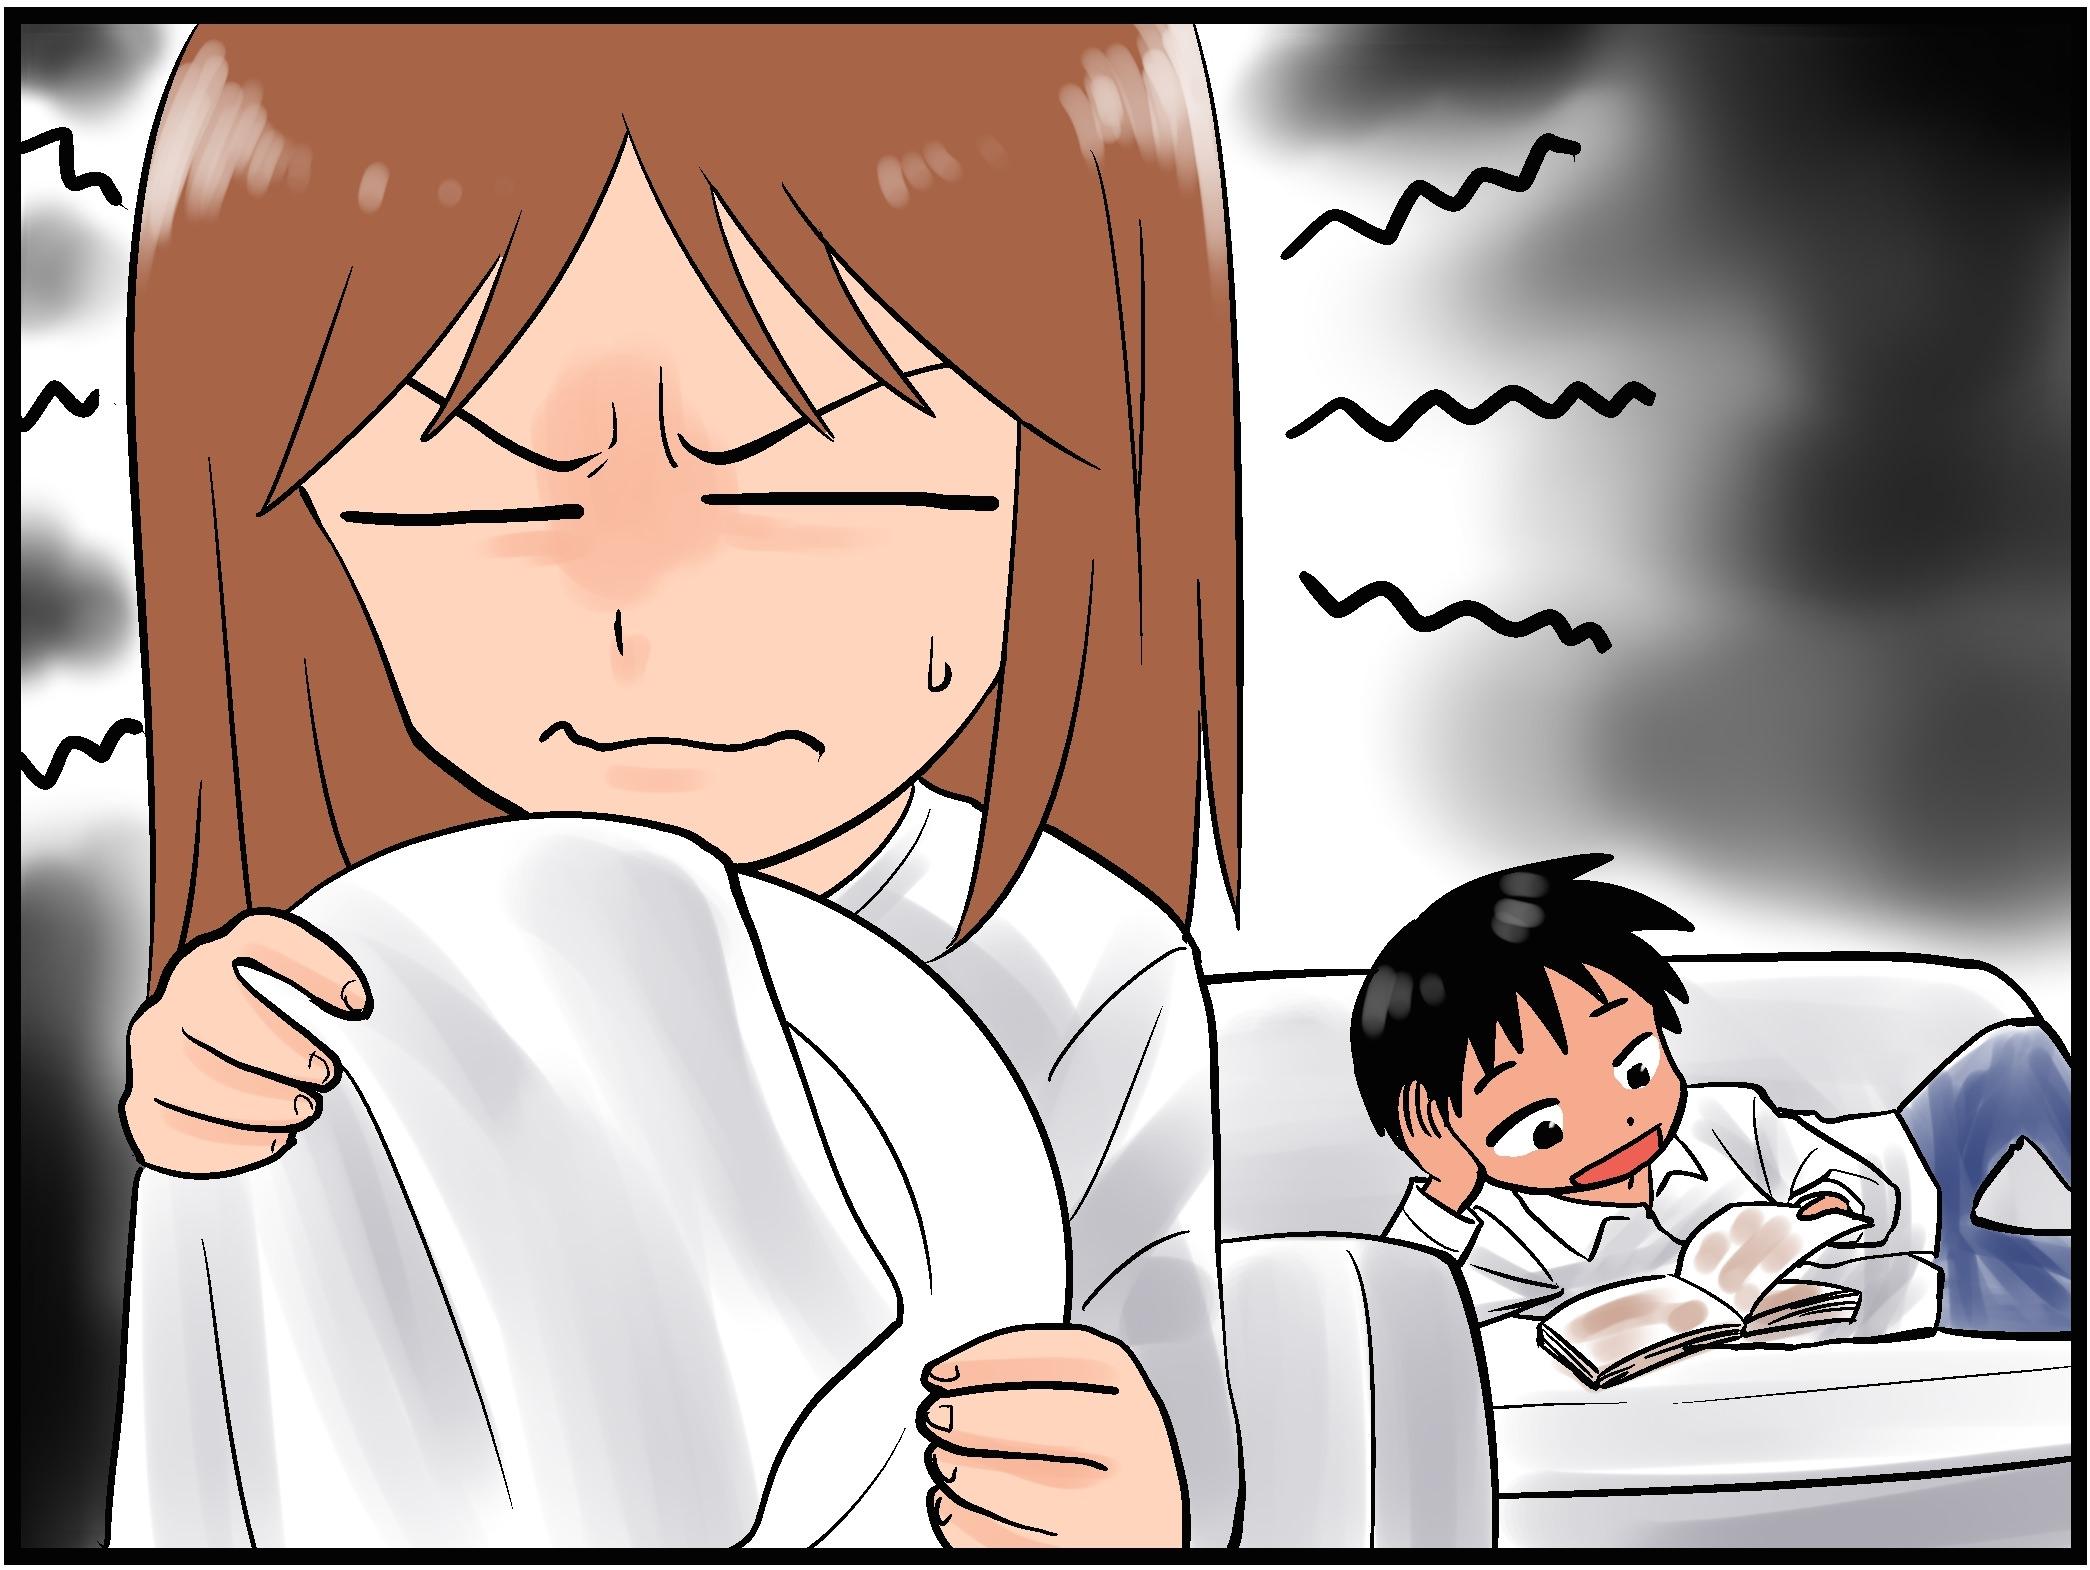 妊婦あるあるの「旦那へのイラつきが増える」のイラスト